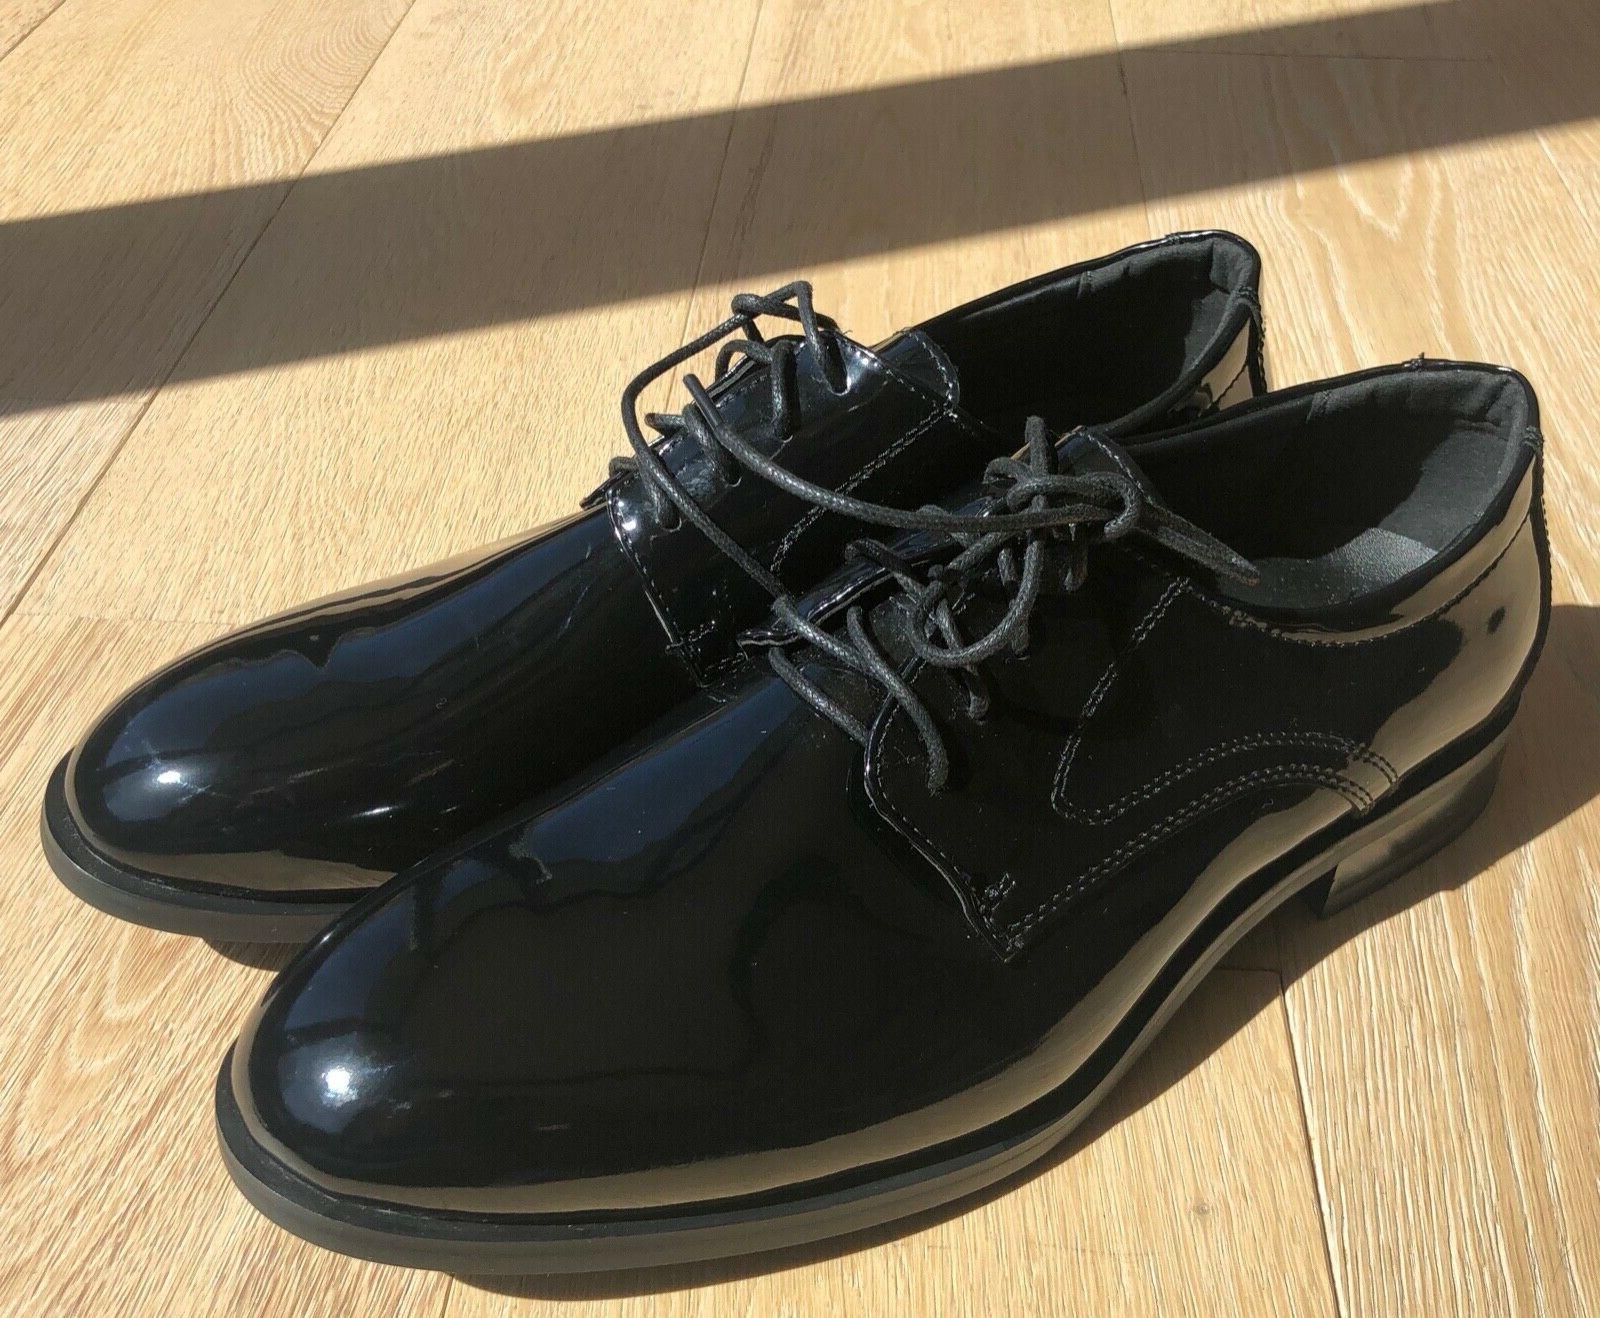 VANGELO Shoes 10.5M Black